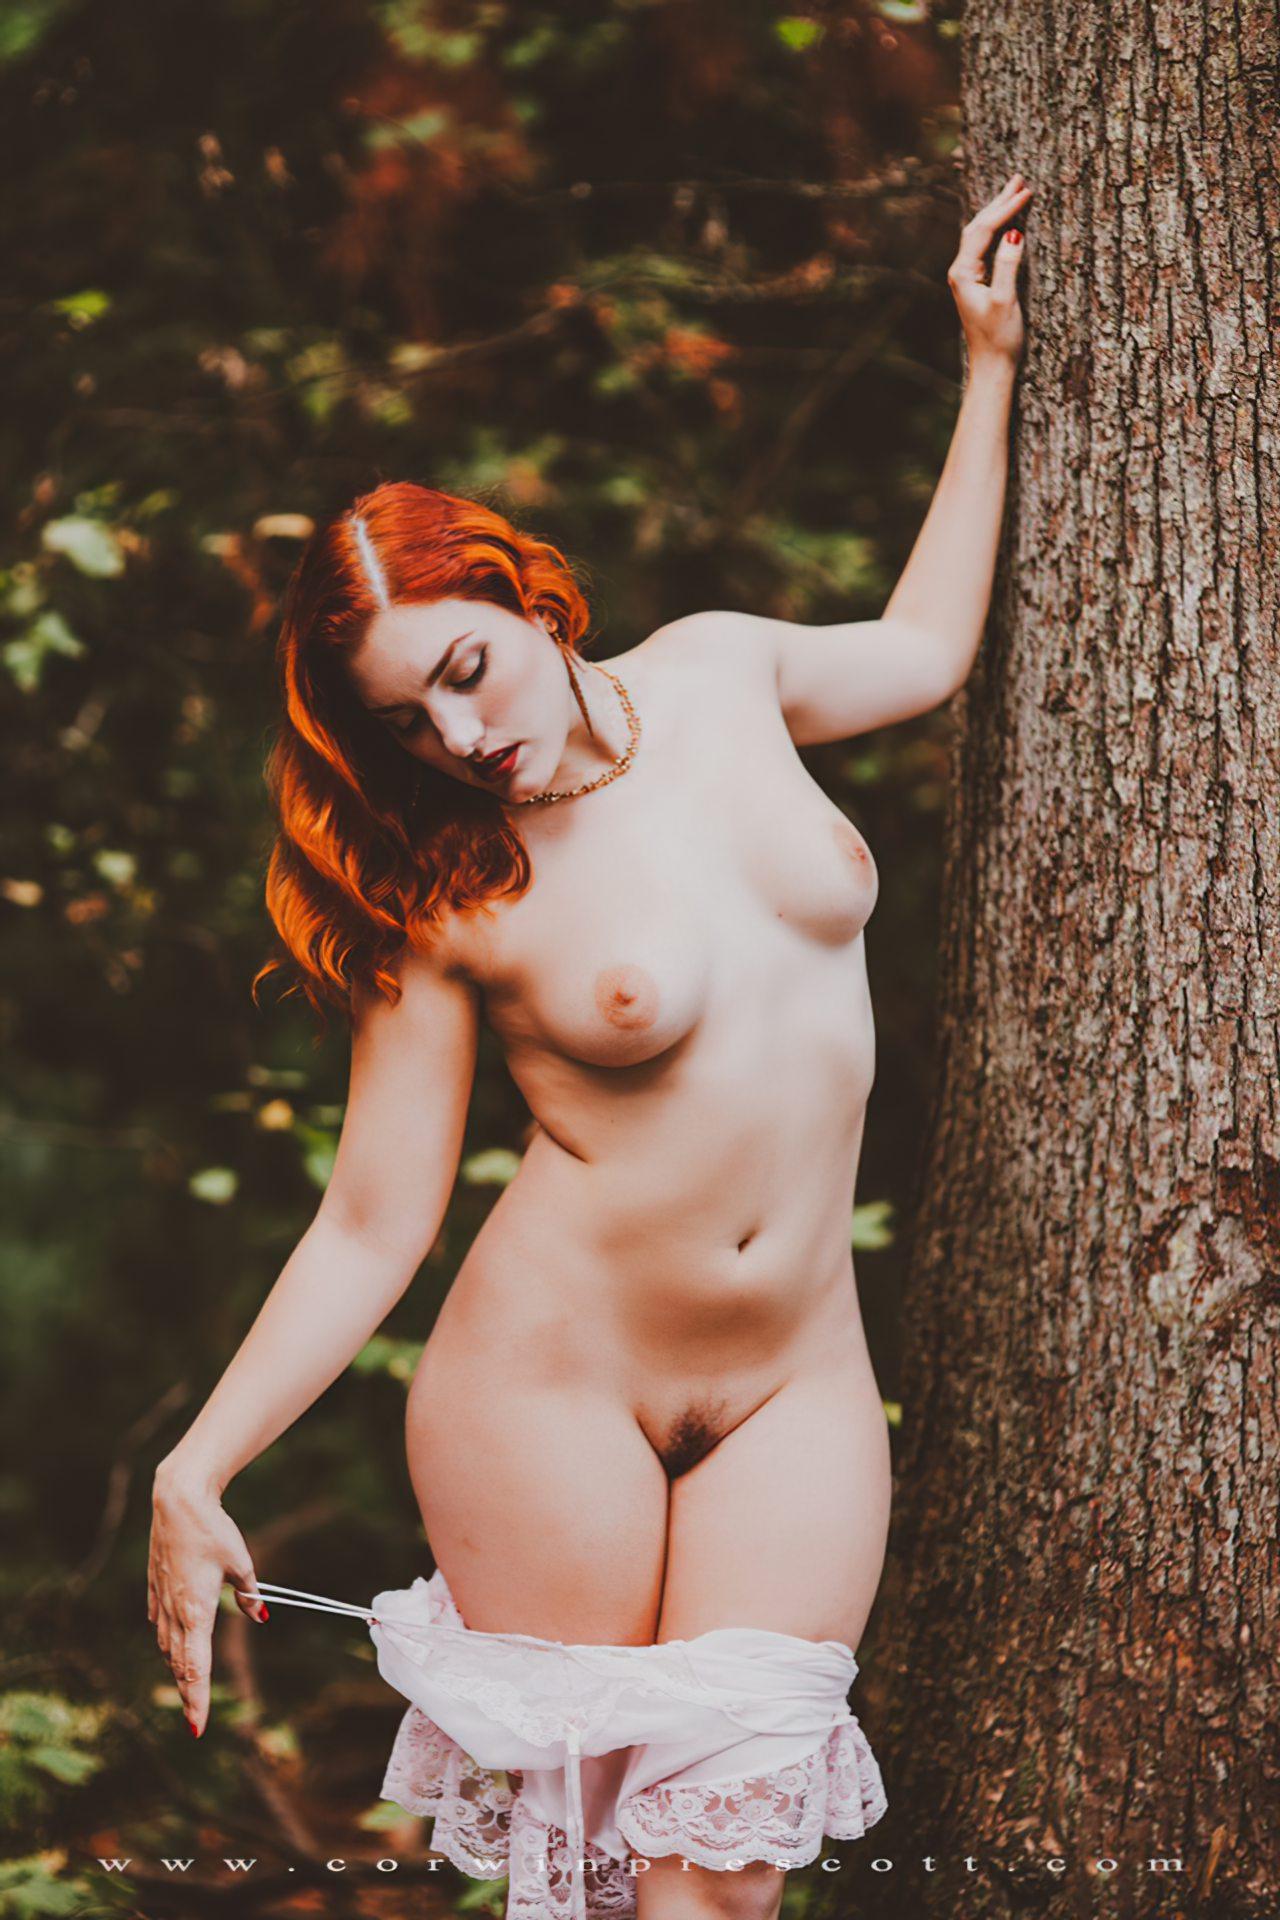 Fotos Mulheres Peladas (32)